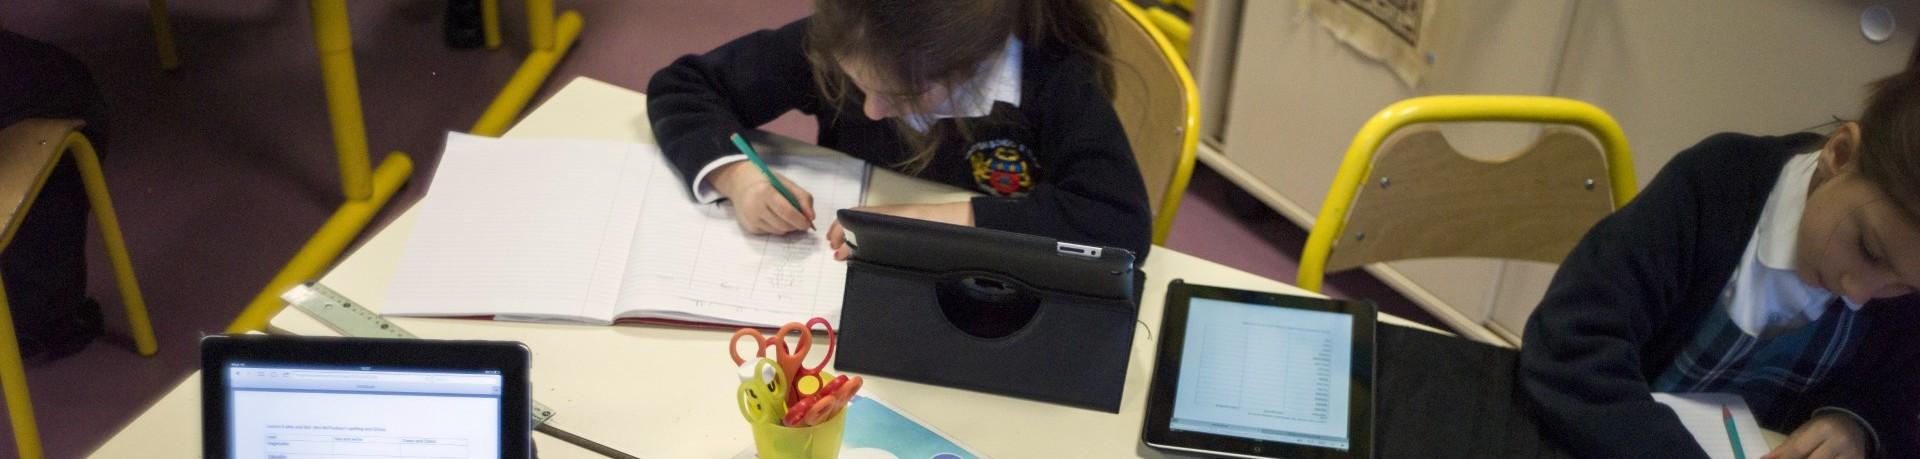 Des écoliers utilisent des tablettes iPad dans une école anglaise à Croissy-sur-Seine, le 3 décembre 2012